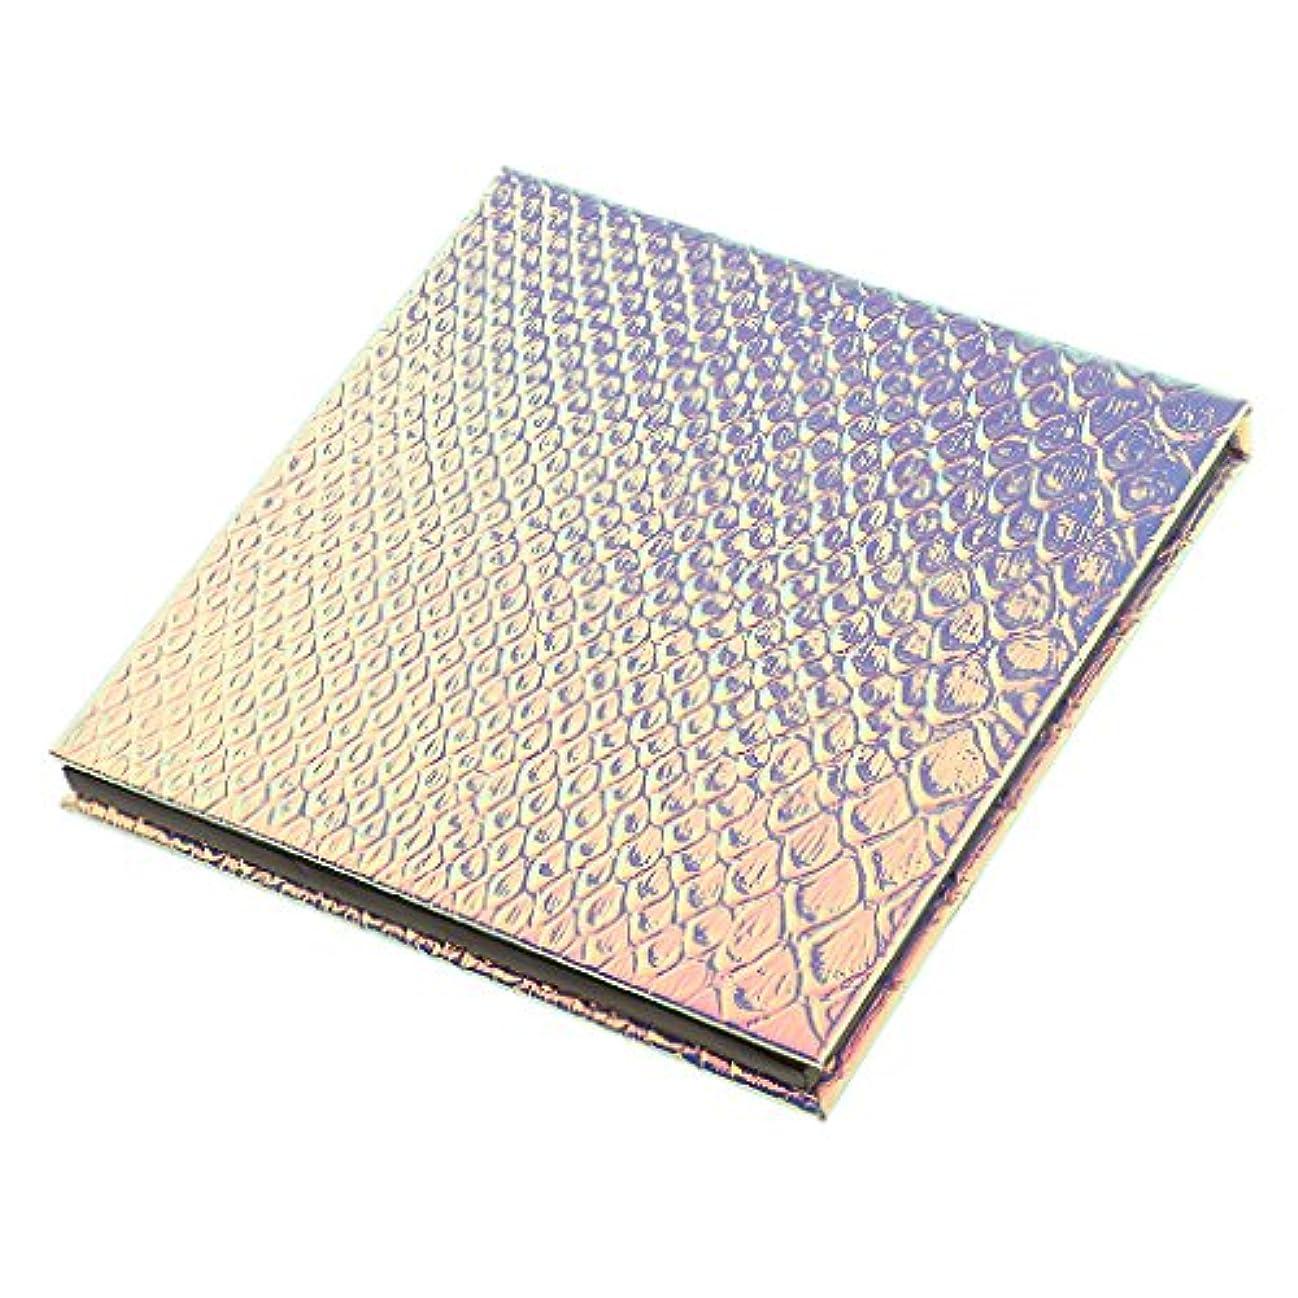 リアル飛び込む疲れた磁気パレットボックス 空の磁気パレット メイクアップ 化粧 コスメ 収納 ボックス 全2サイズ選べ - 10x10cm